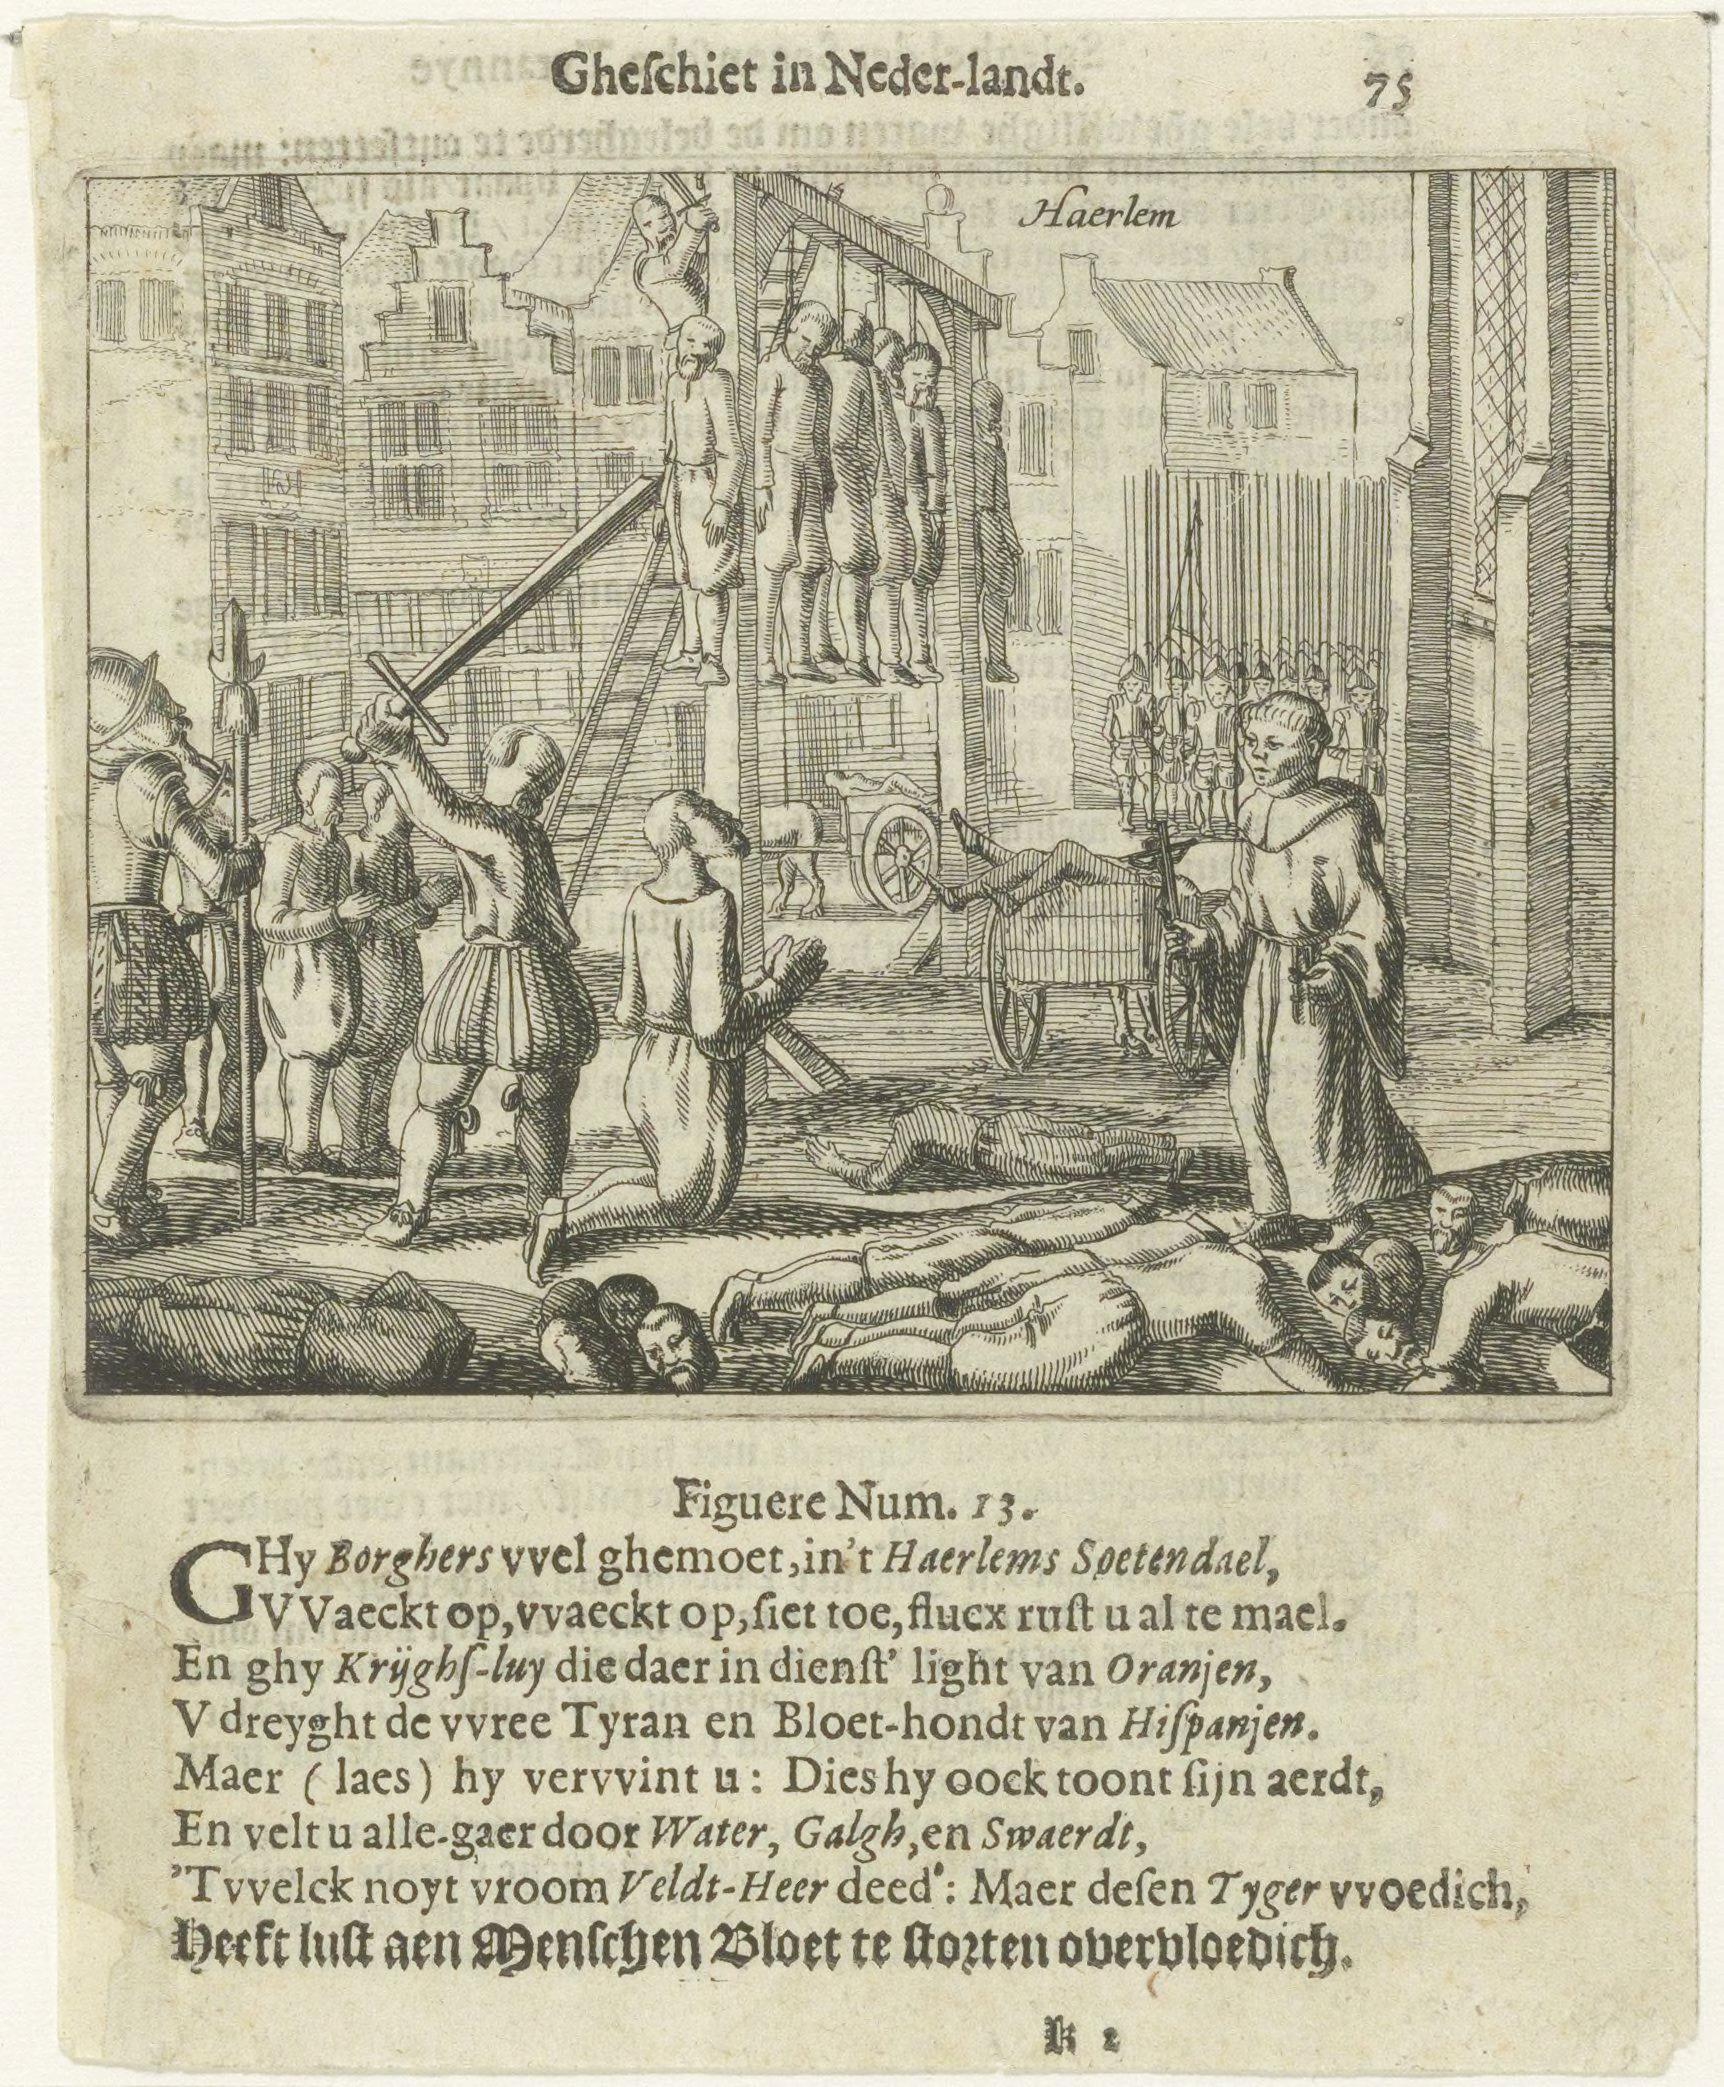 Waalse officier gebood knecht hem dood te schieten, Haarlem ging in 1573 door de Spanjaarden ten onder